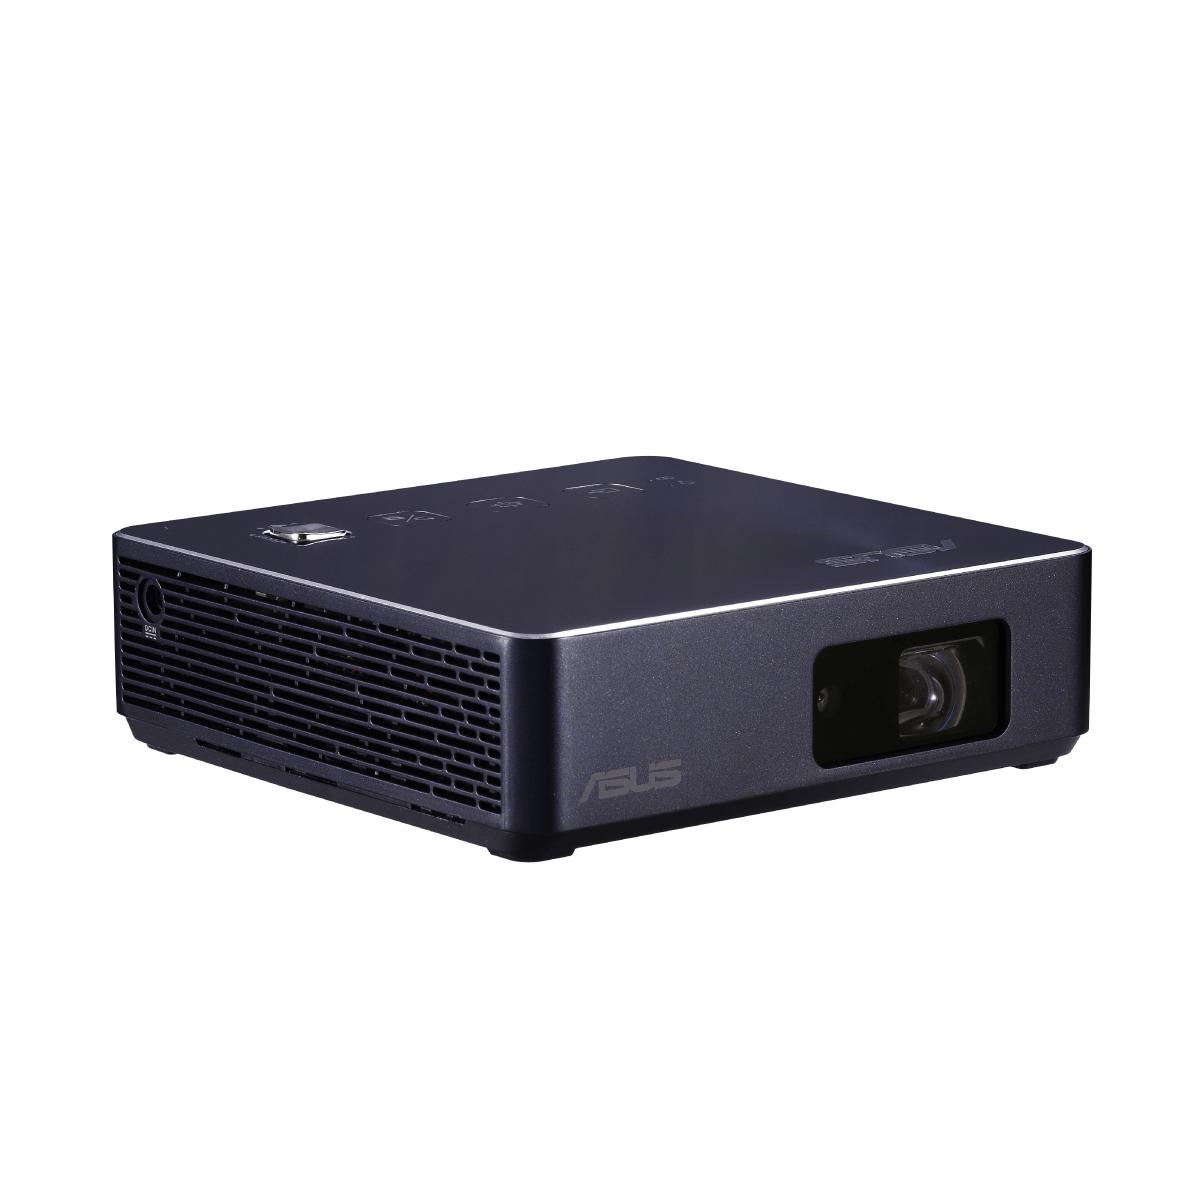 ASUS ZenBeam S2 Projector